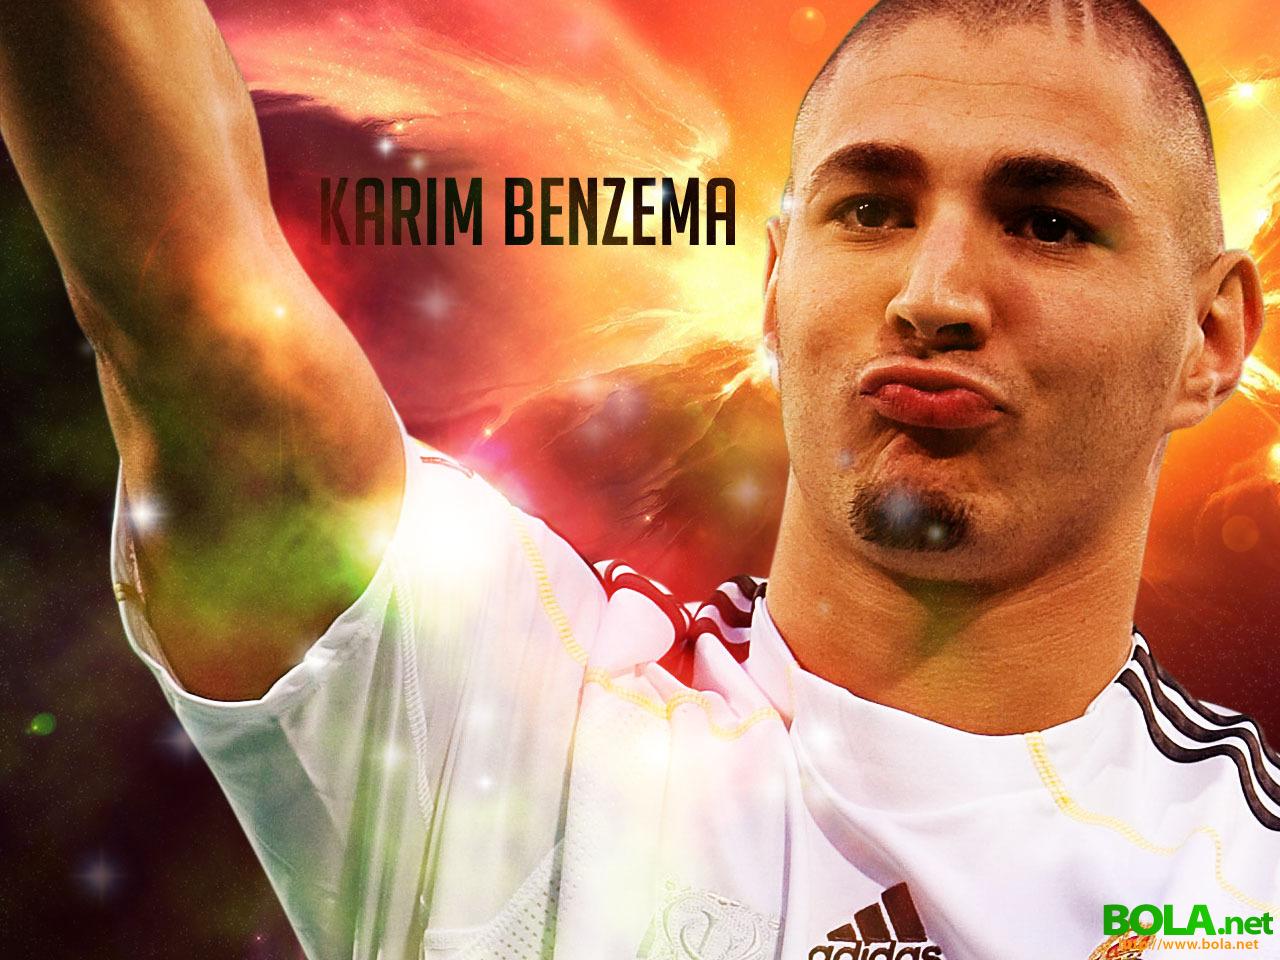 http://4.bp.blogspot.com/-jIfJPzWUmLk/TrPzfjmLRDI/AAAAAAAAA3A/dPjM6Wjx9Jw/s1600/Karim+Benzema+wallpaper5.jpg